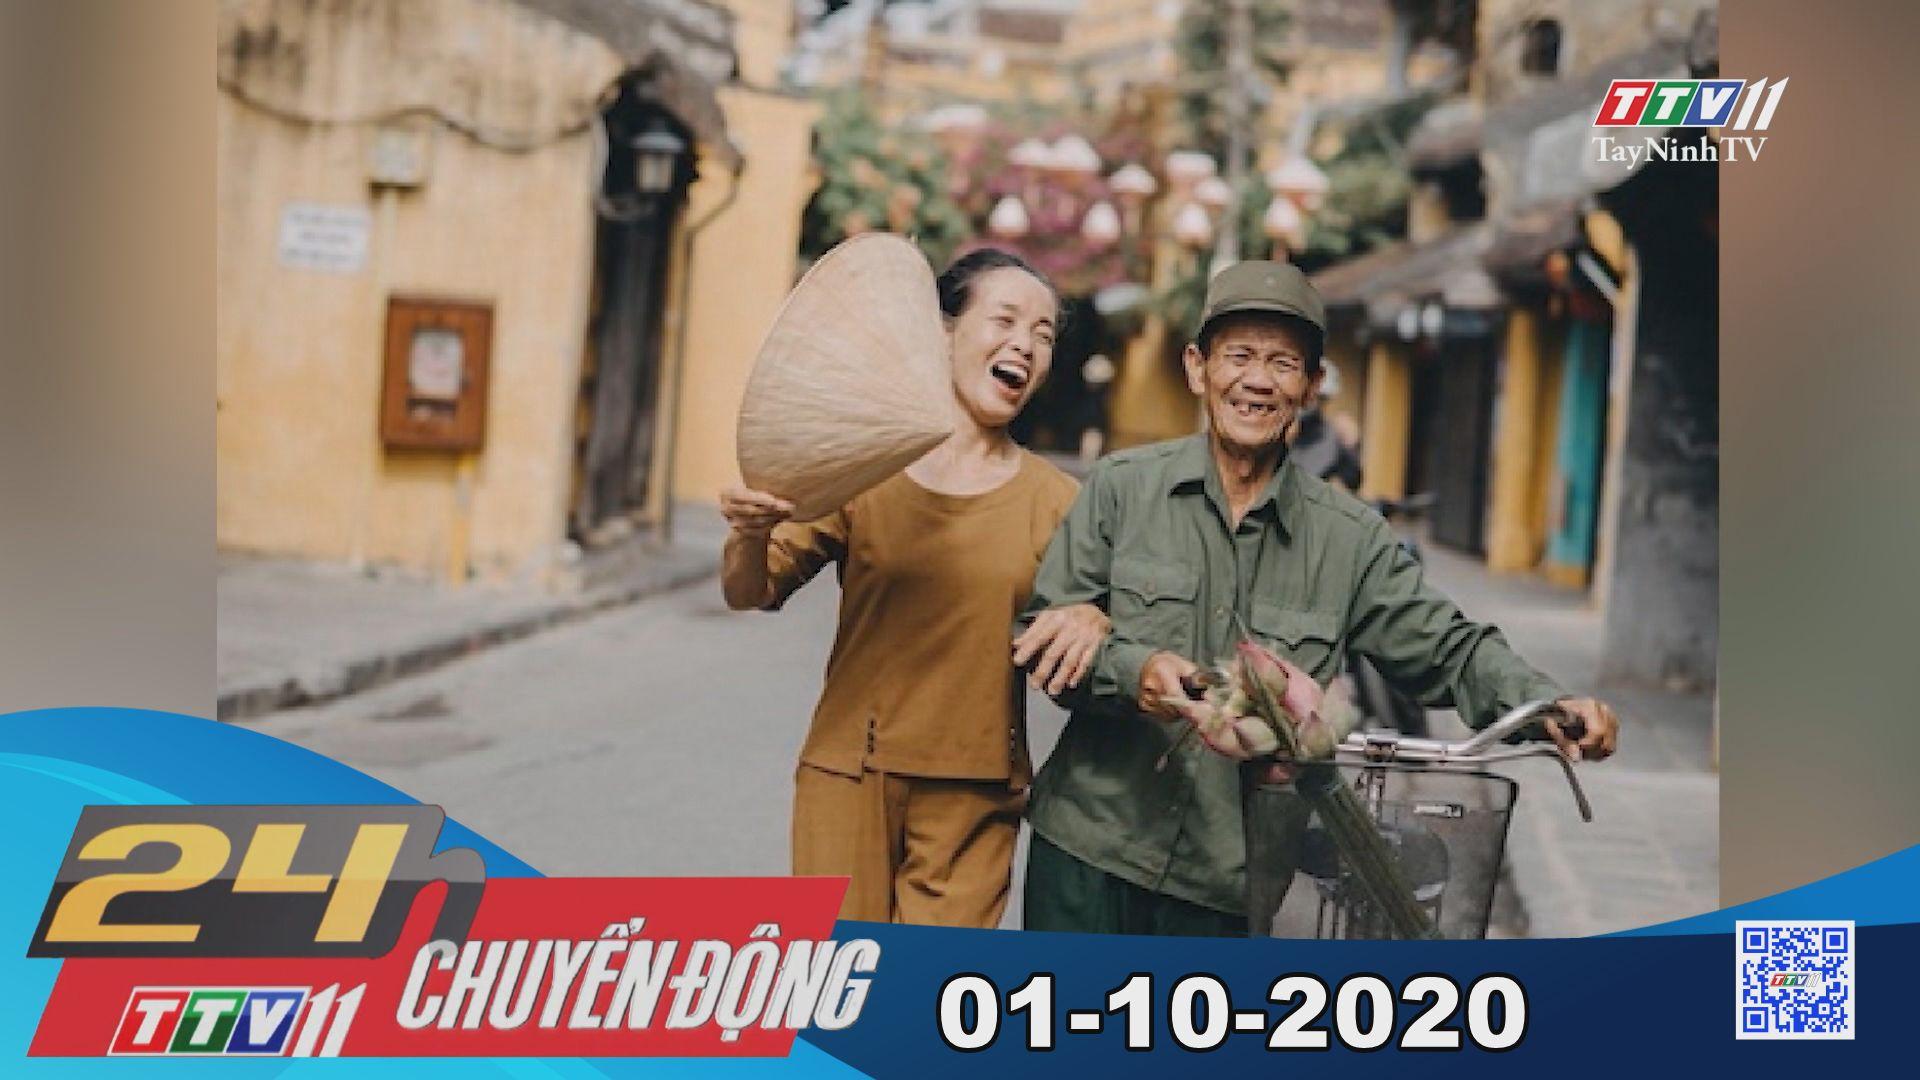 24h Chuyển động 01-10-2020 | Tin tức hôm nay | TayNinhTV